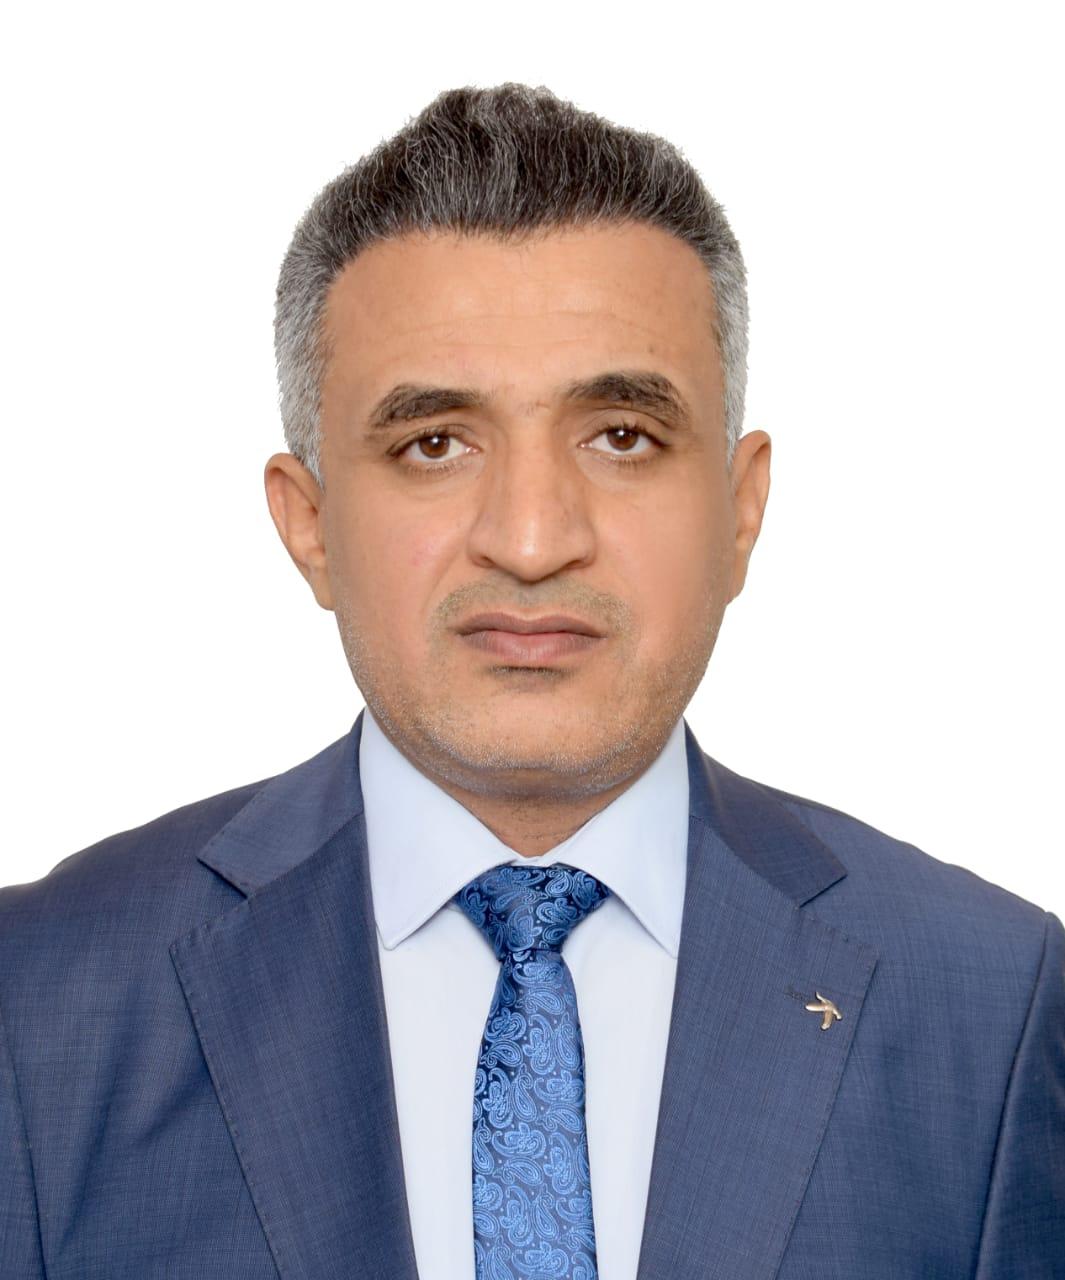 Fadhil Kamil Idan Al Drajee